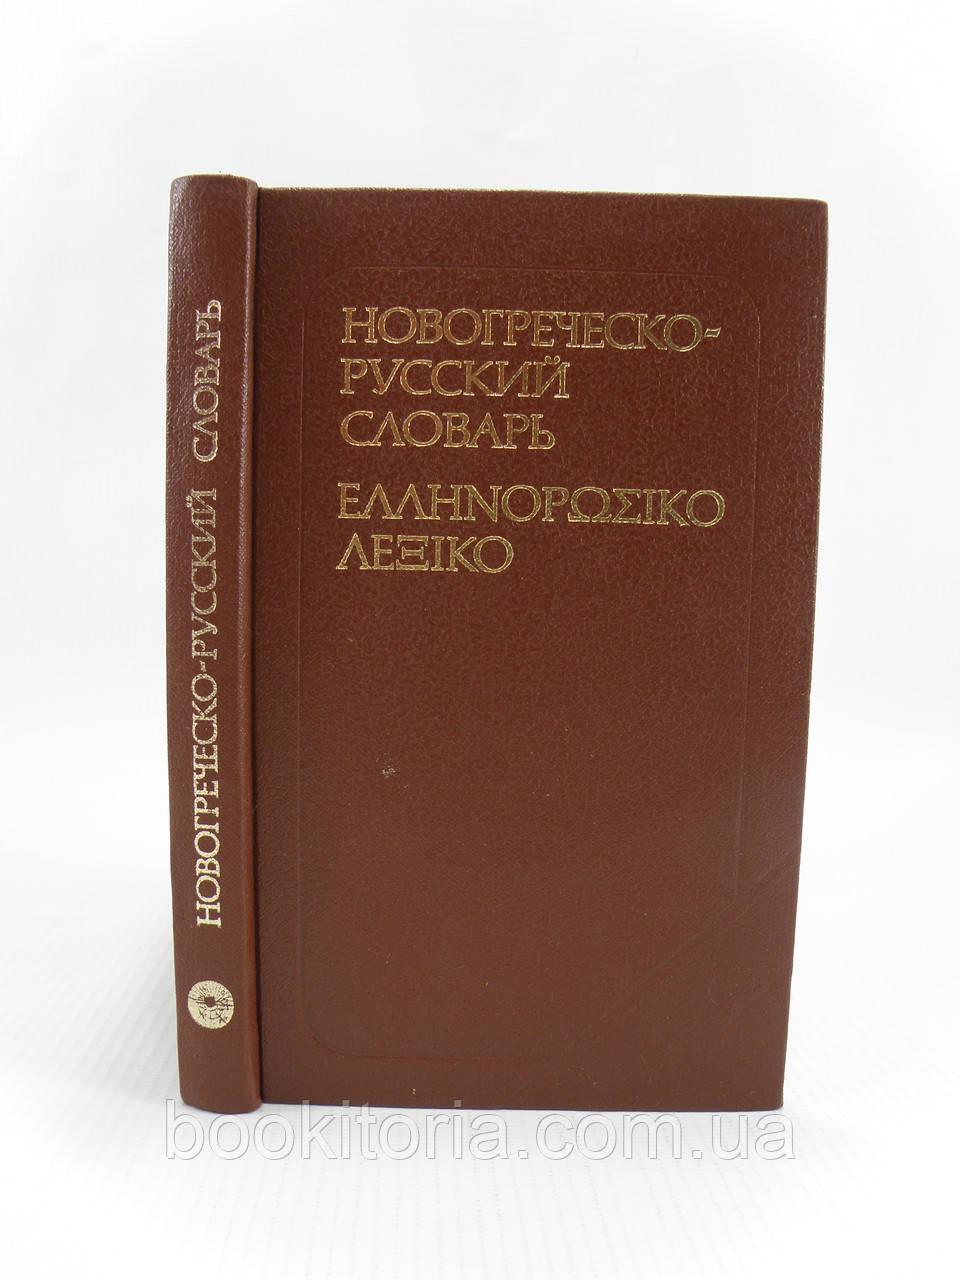 Сальнова А. Карманный новогреческо-русский словарь (б/у).